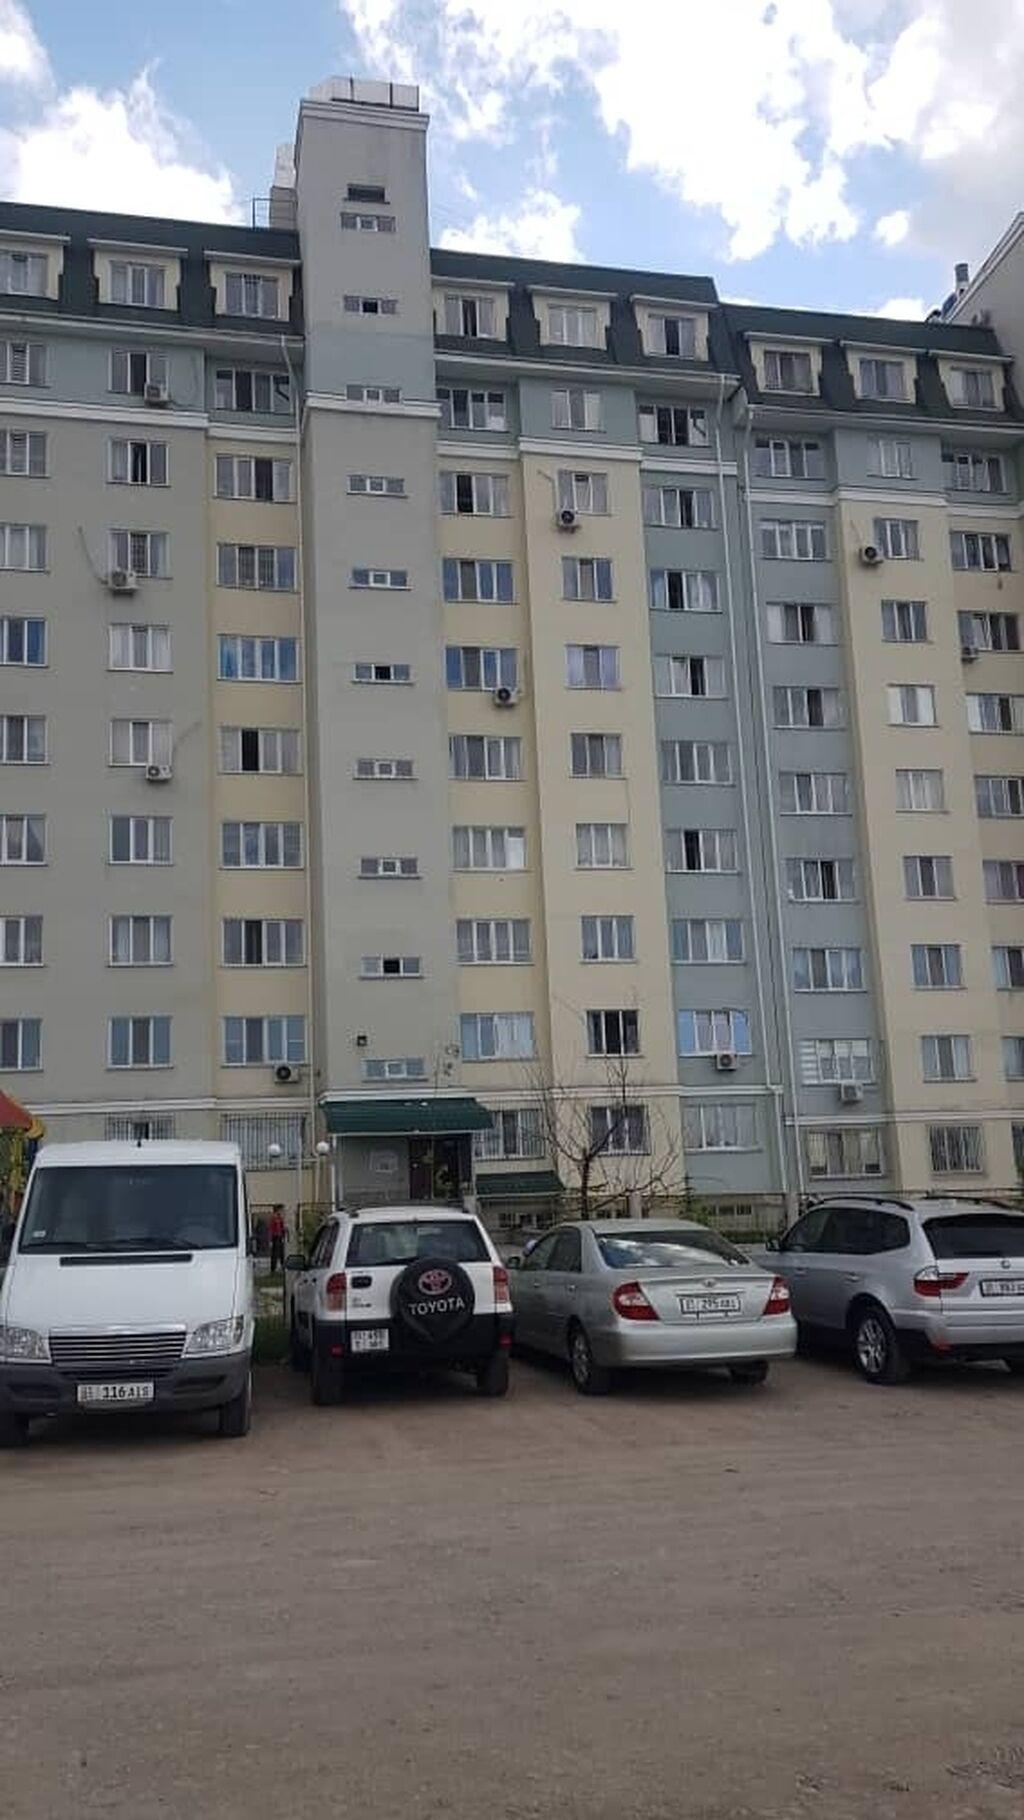 Индивидуалка, 1 комната, 36 кв. м Бронированные двери, Дизайнерский ремонт, Лифт: Индивидуалка, 1 комната, 36 кв. м Бронированные двери, Дизайнерский ремонт, Лифт